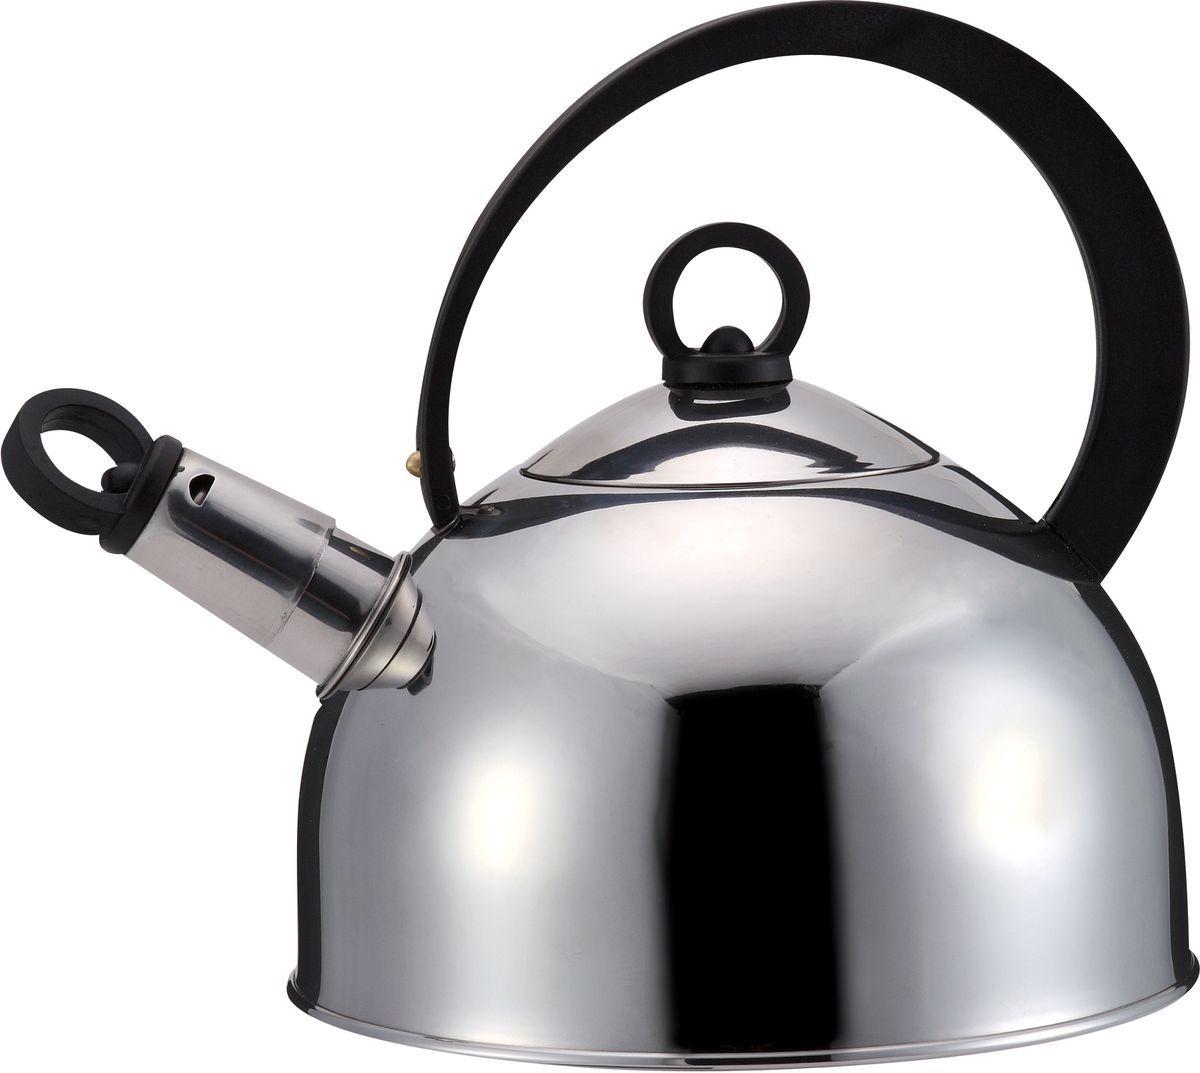 Чайник Bekker, 2,5 л. BK-S3151155102.5 L, нержав. сталь 18/10, дно капсулированное, метал. свисток, фиксир. пласт. ручка, метал. крышка. Соврем. дизайн.